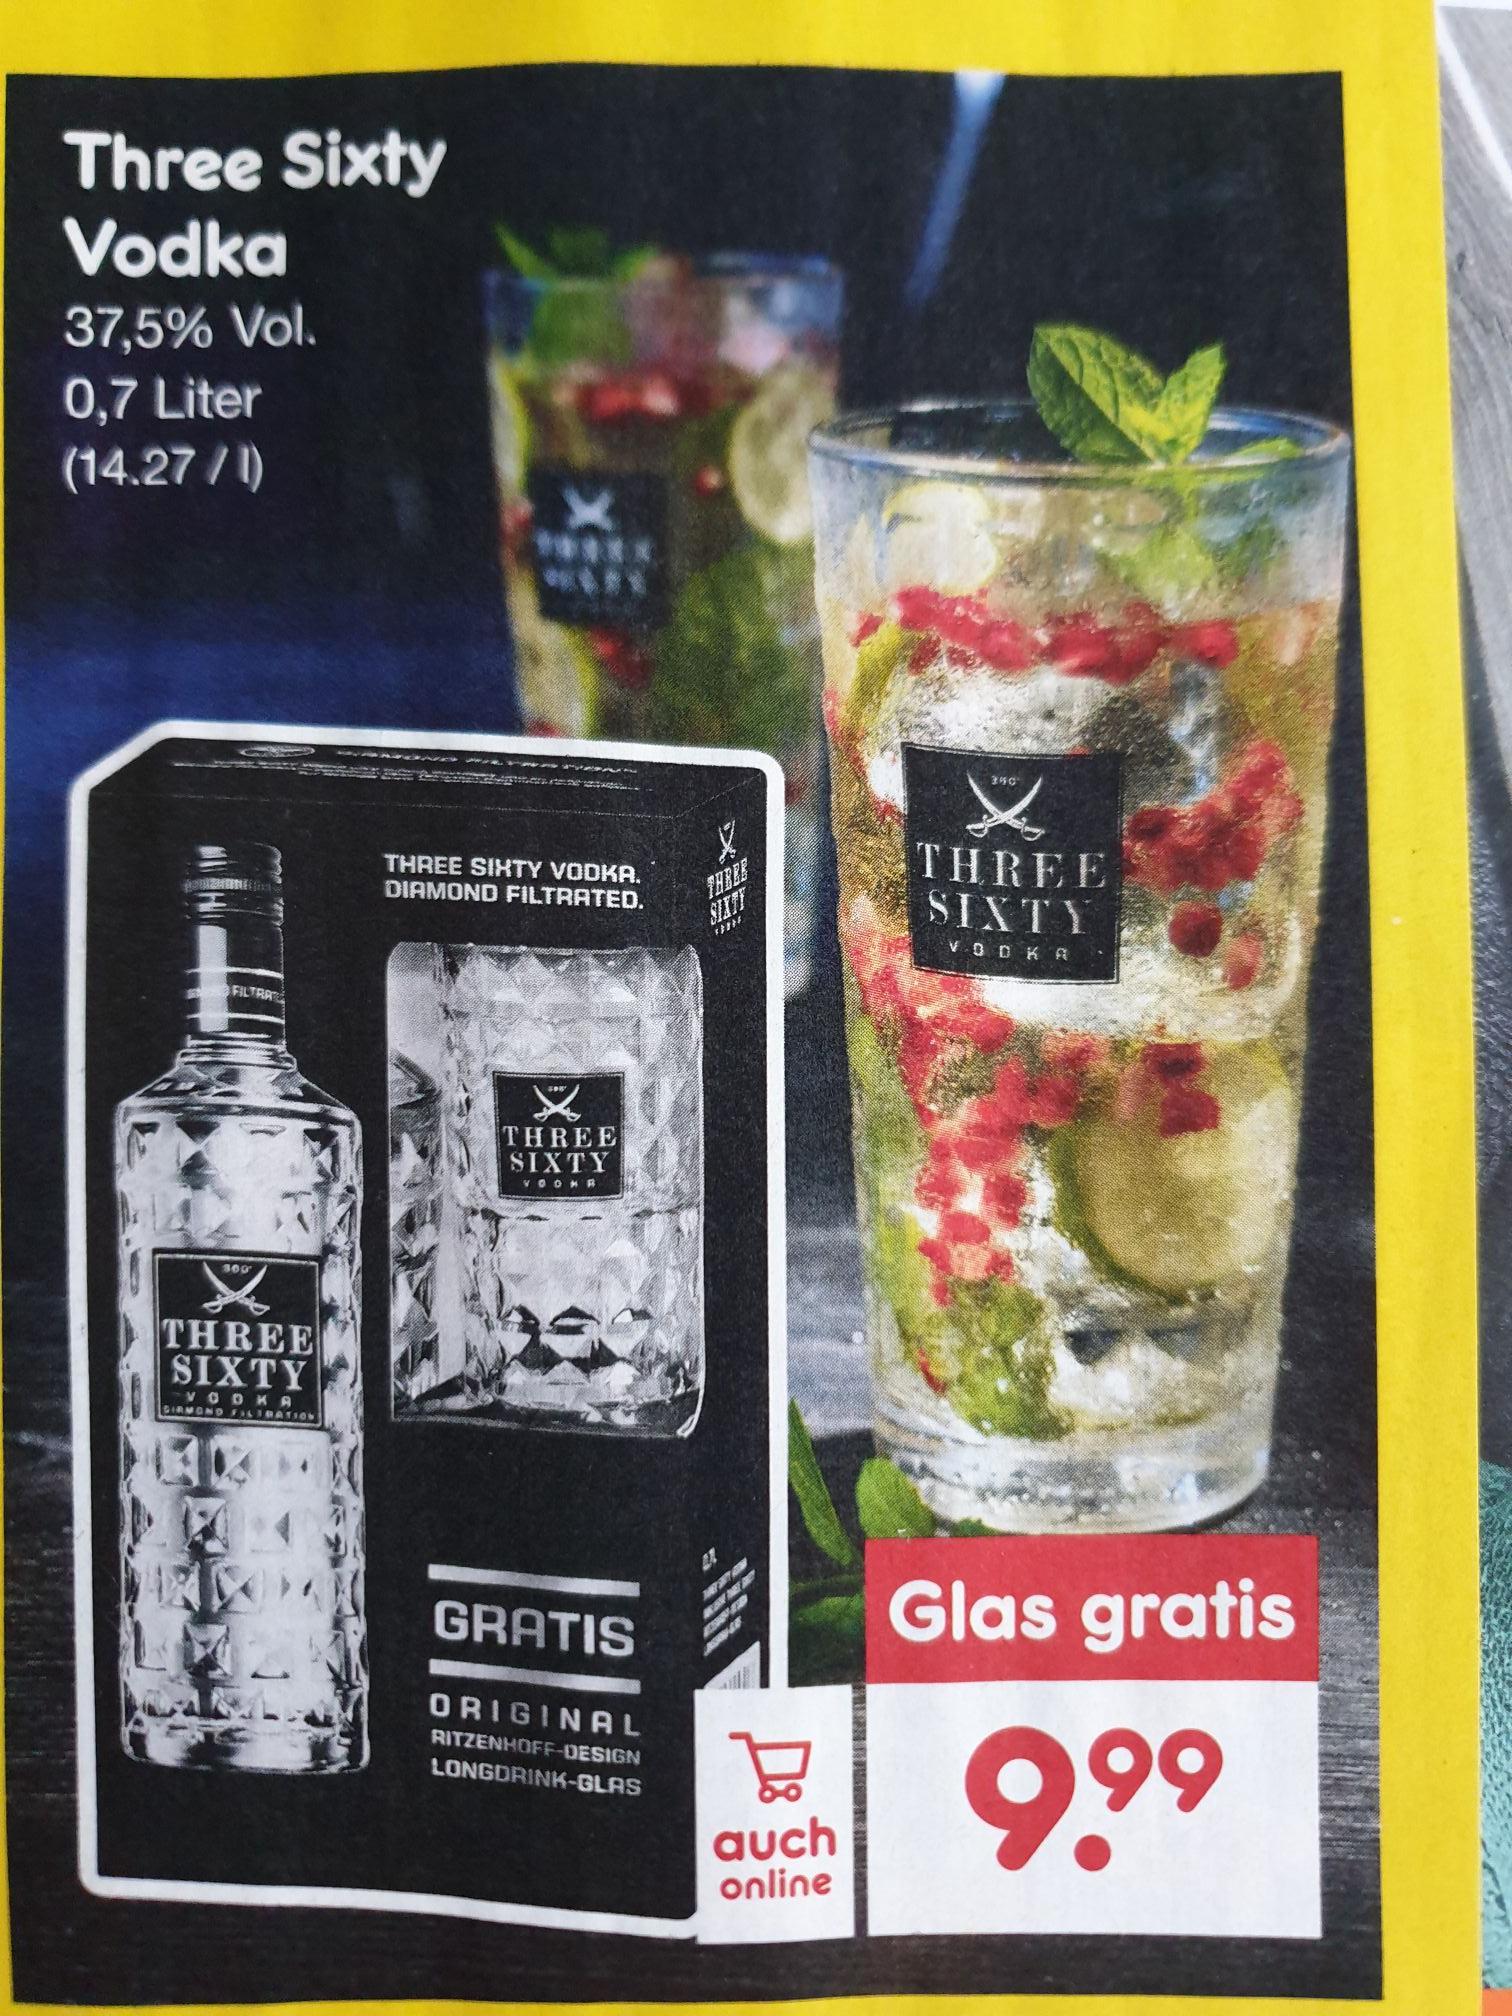 (Netto MD) Three Sixty Vodka 0,7l /37,5% mit Glas für 9,99€ / 8,49€ mit Coupon + 10-fach DC-Punkte (auch online)